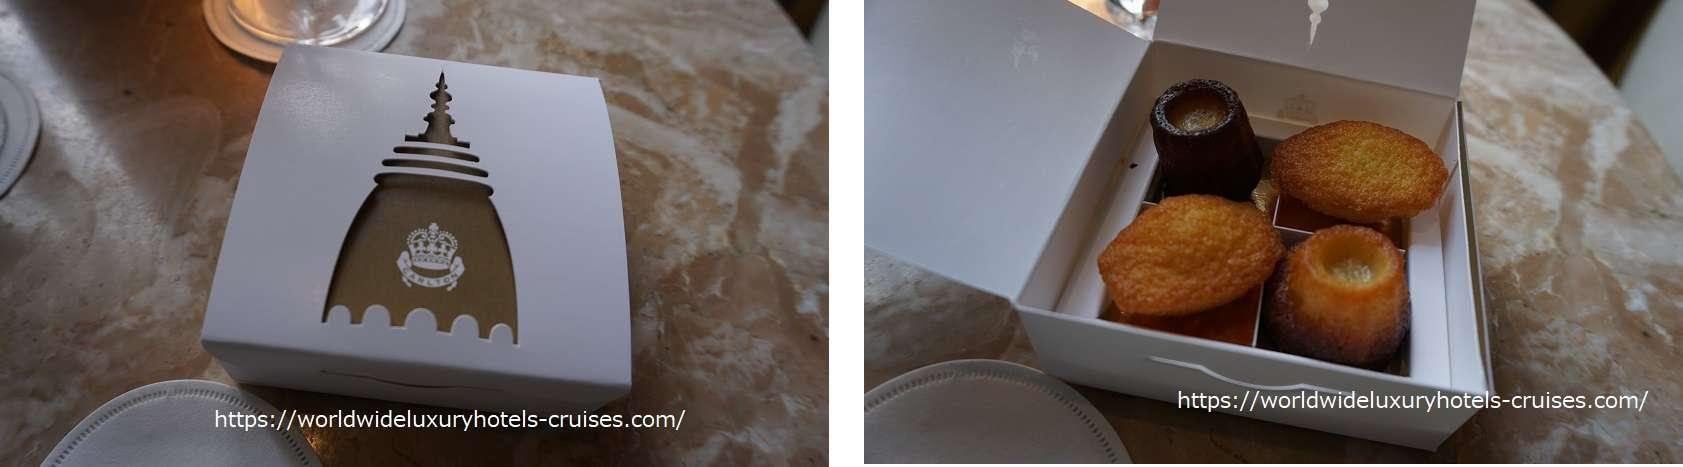 インターコンチネンタルカールトンカンヌ デラックスオーシャンビュー カンヌ フランス ラグジュアリーホテル ラクロワゼット通り ILTM Virtuoso  パレデフェスティバル 南仏 マジェスティックバリエール 個人旅行 ラグジュアリーホテル予約